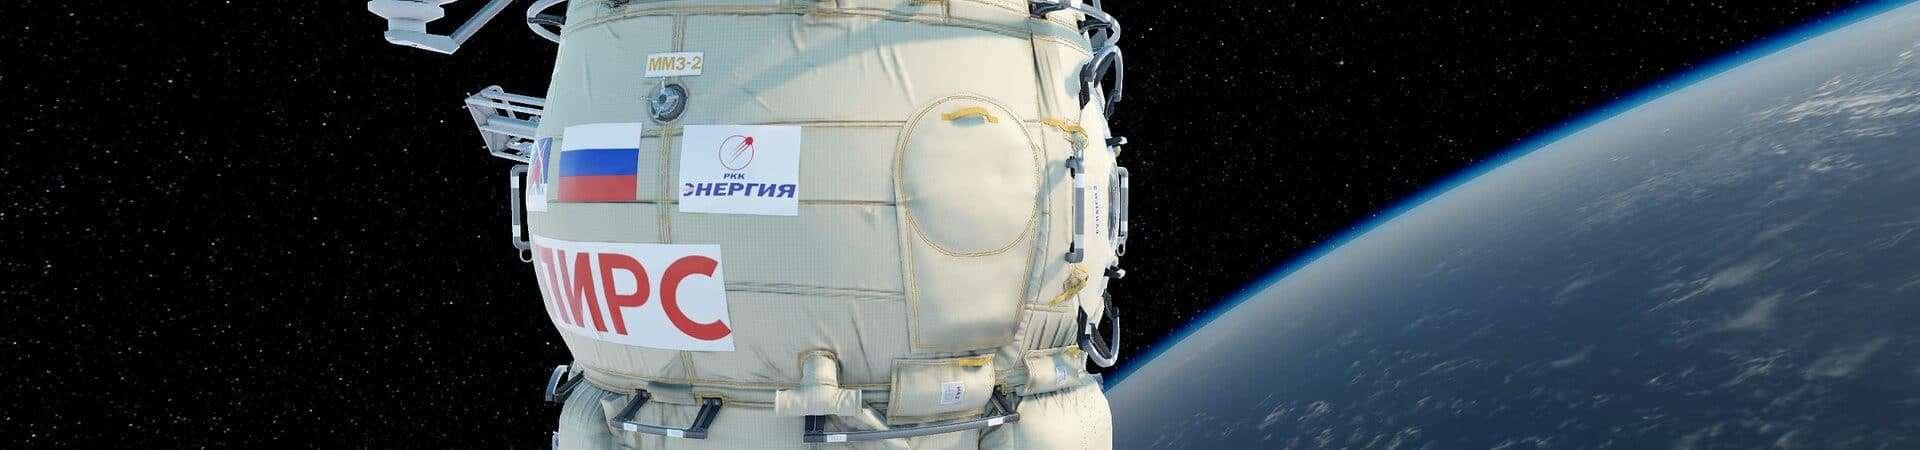 Imagem mostra o Pirs, módulo de acoplagem de naves localizado na ISS. Ele foi recentemente desligado para dar lugar a uma estrutura mais atualizada